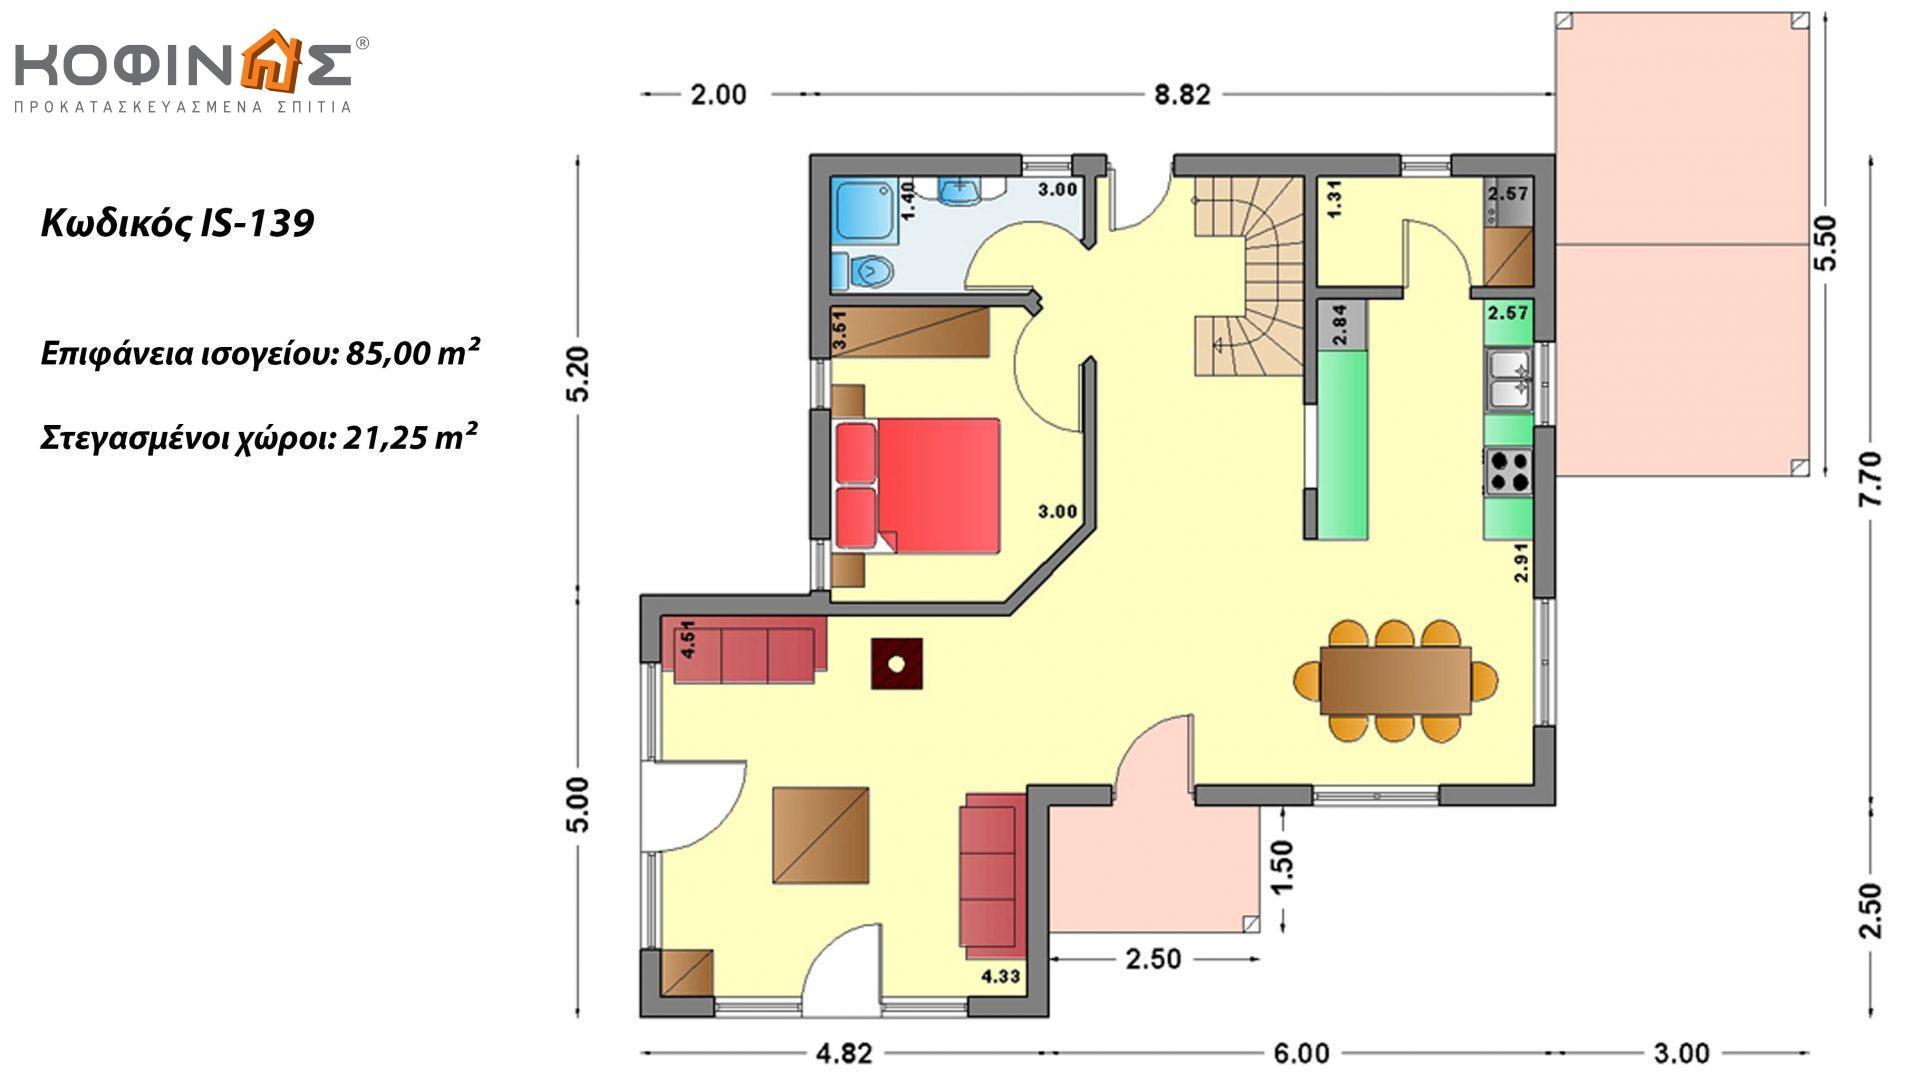 Ισόγεια Κατοικία με Σοφίτα IS-139, συνολικής επιφάνειας 139,70 τ.μ. ,συνολική επιφάνεια στεγασμένων χώρων 21,25 τ.μ.